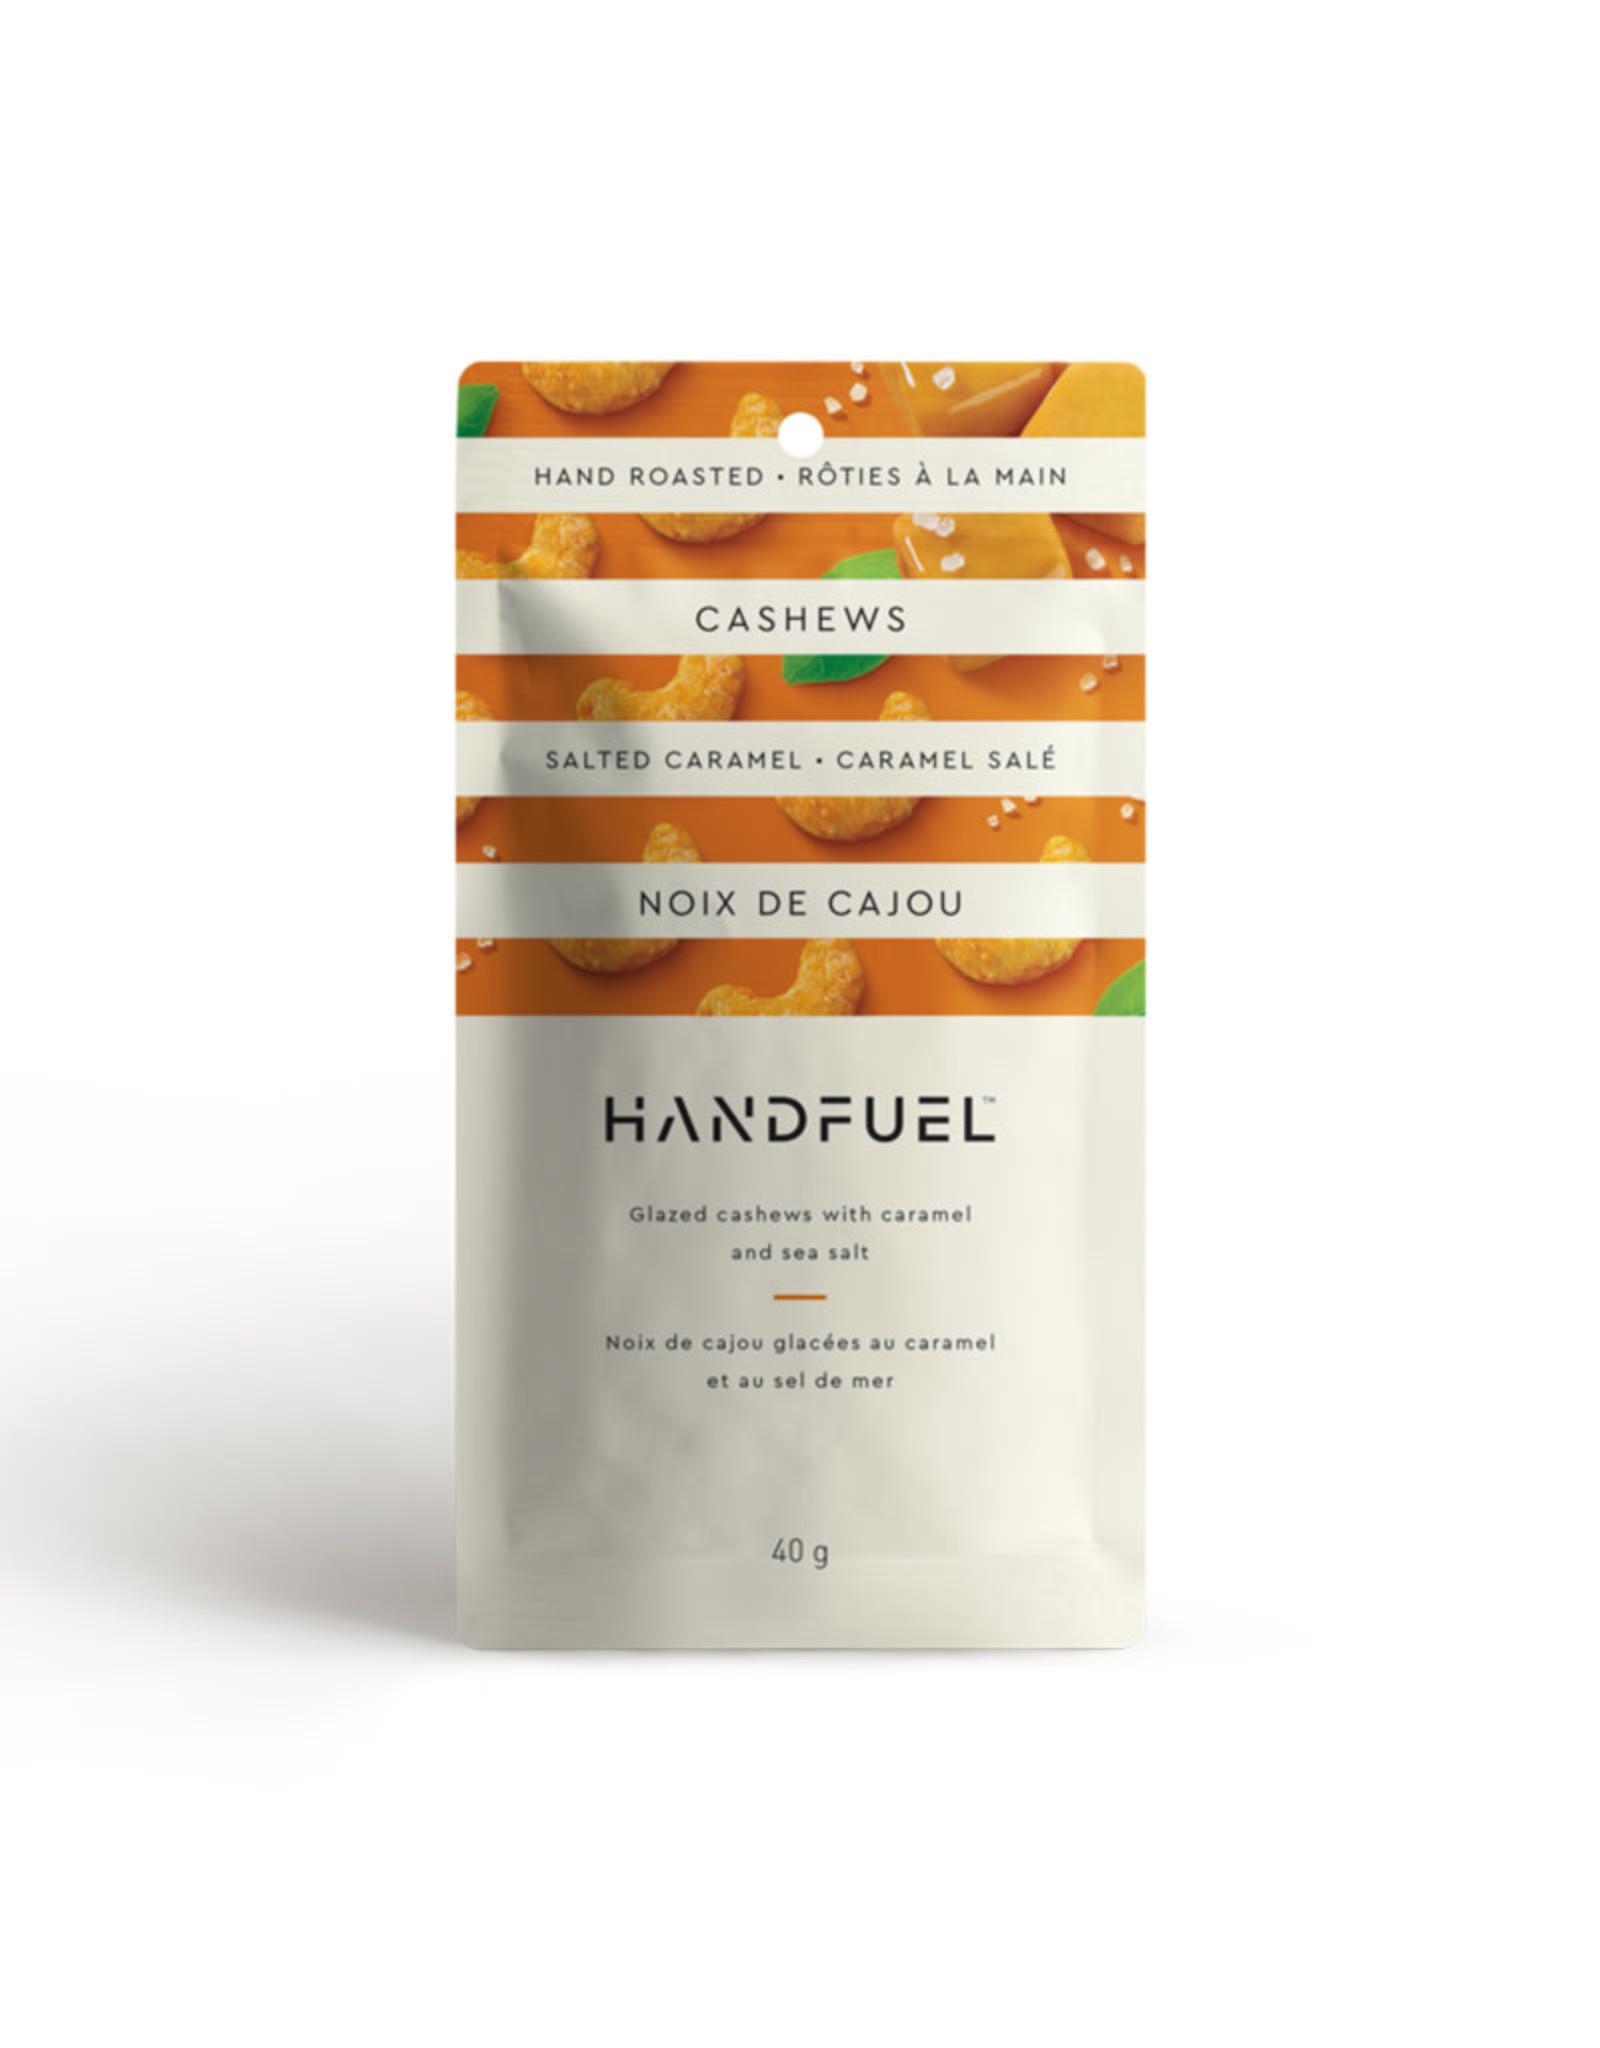 Handfuel Handfuel - Noix de Cajou, Caramel Salé (40g)